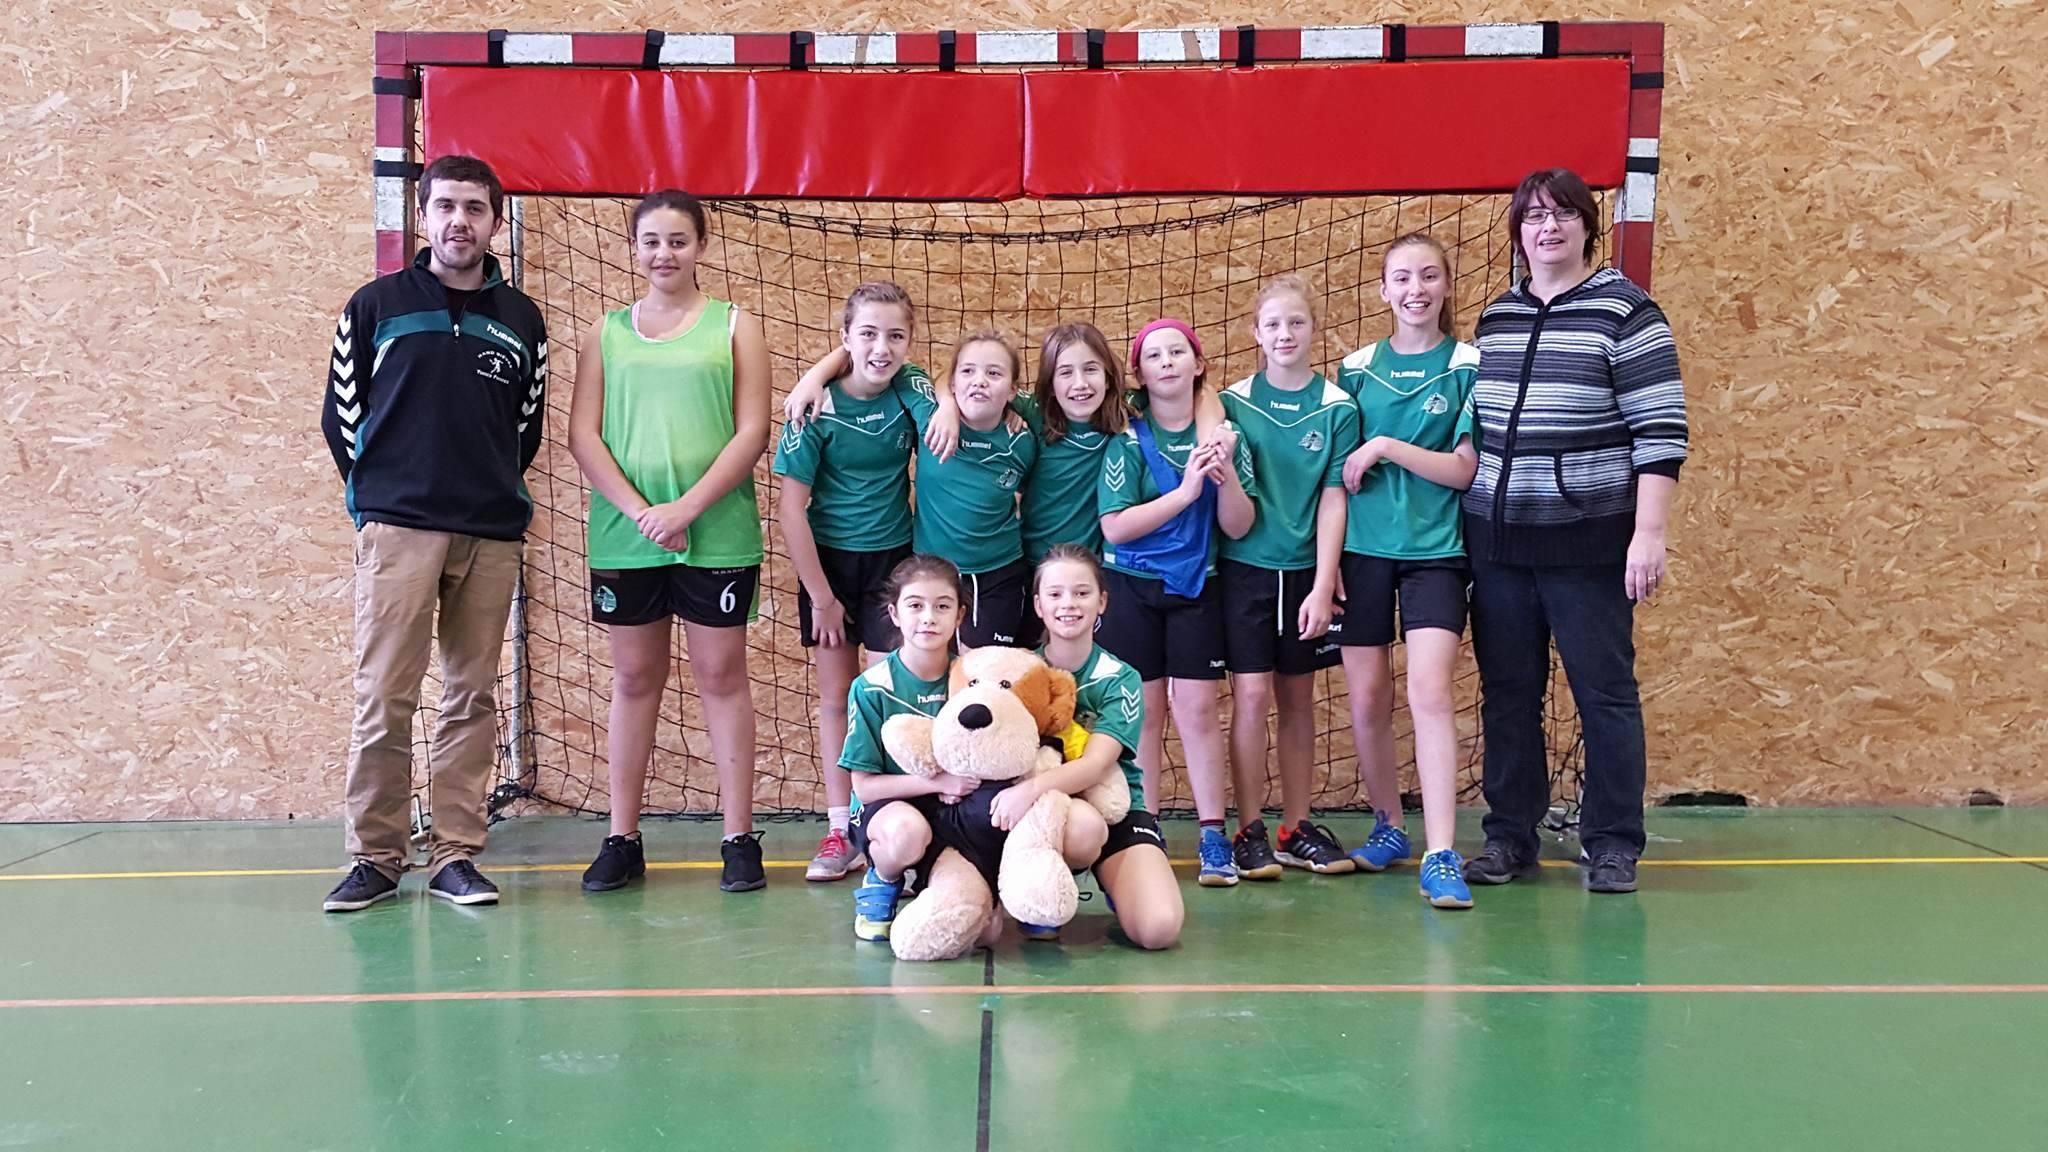 Les -12 Filles s'inclinent face à Beaurepaire - Hand Bievre Terres Froides - Club de Handball en Isère